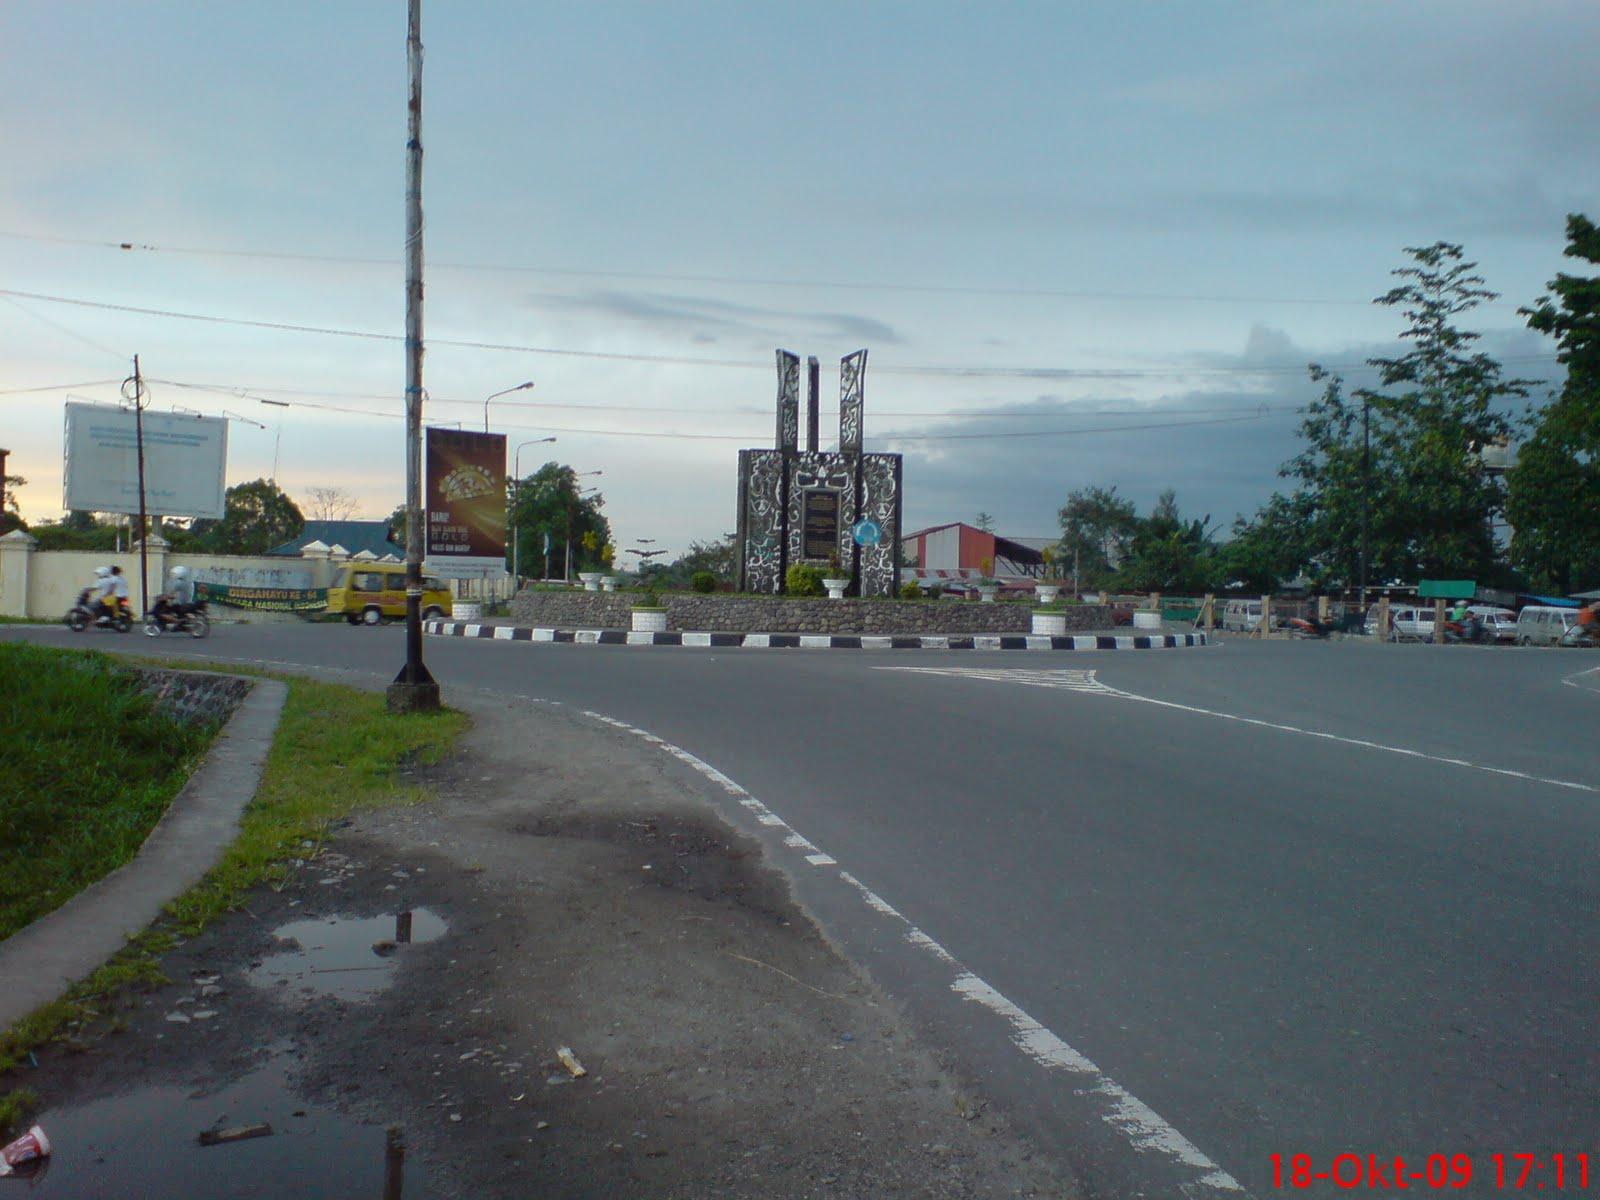 Timika Indonesia  City pictures : HOTEL Timika Indah: Tugu Perdamaian, Kota Timika